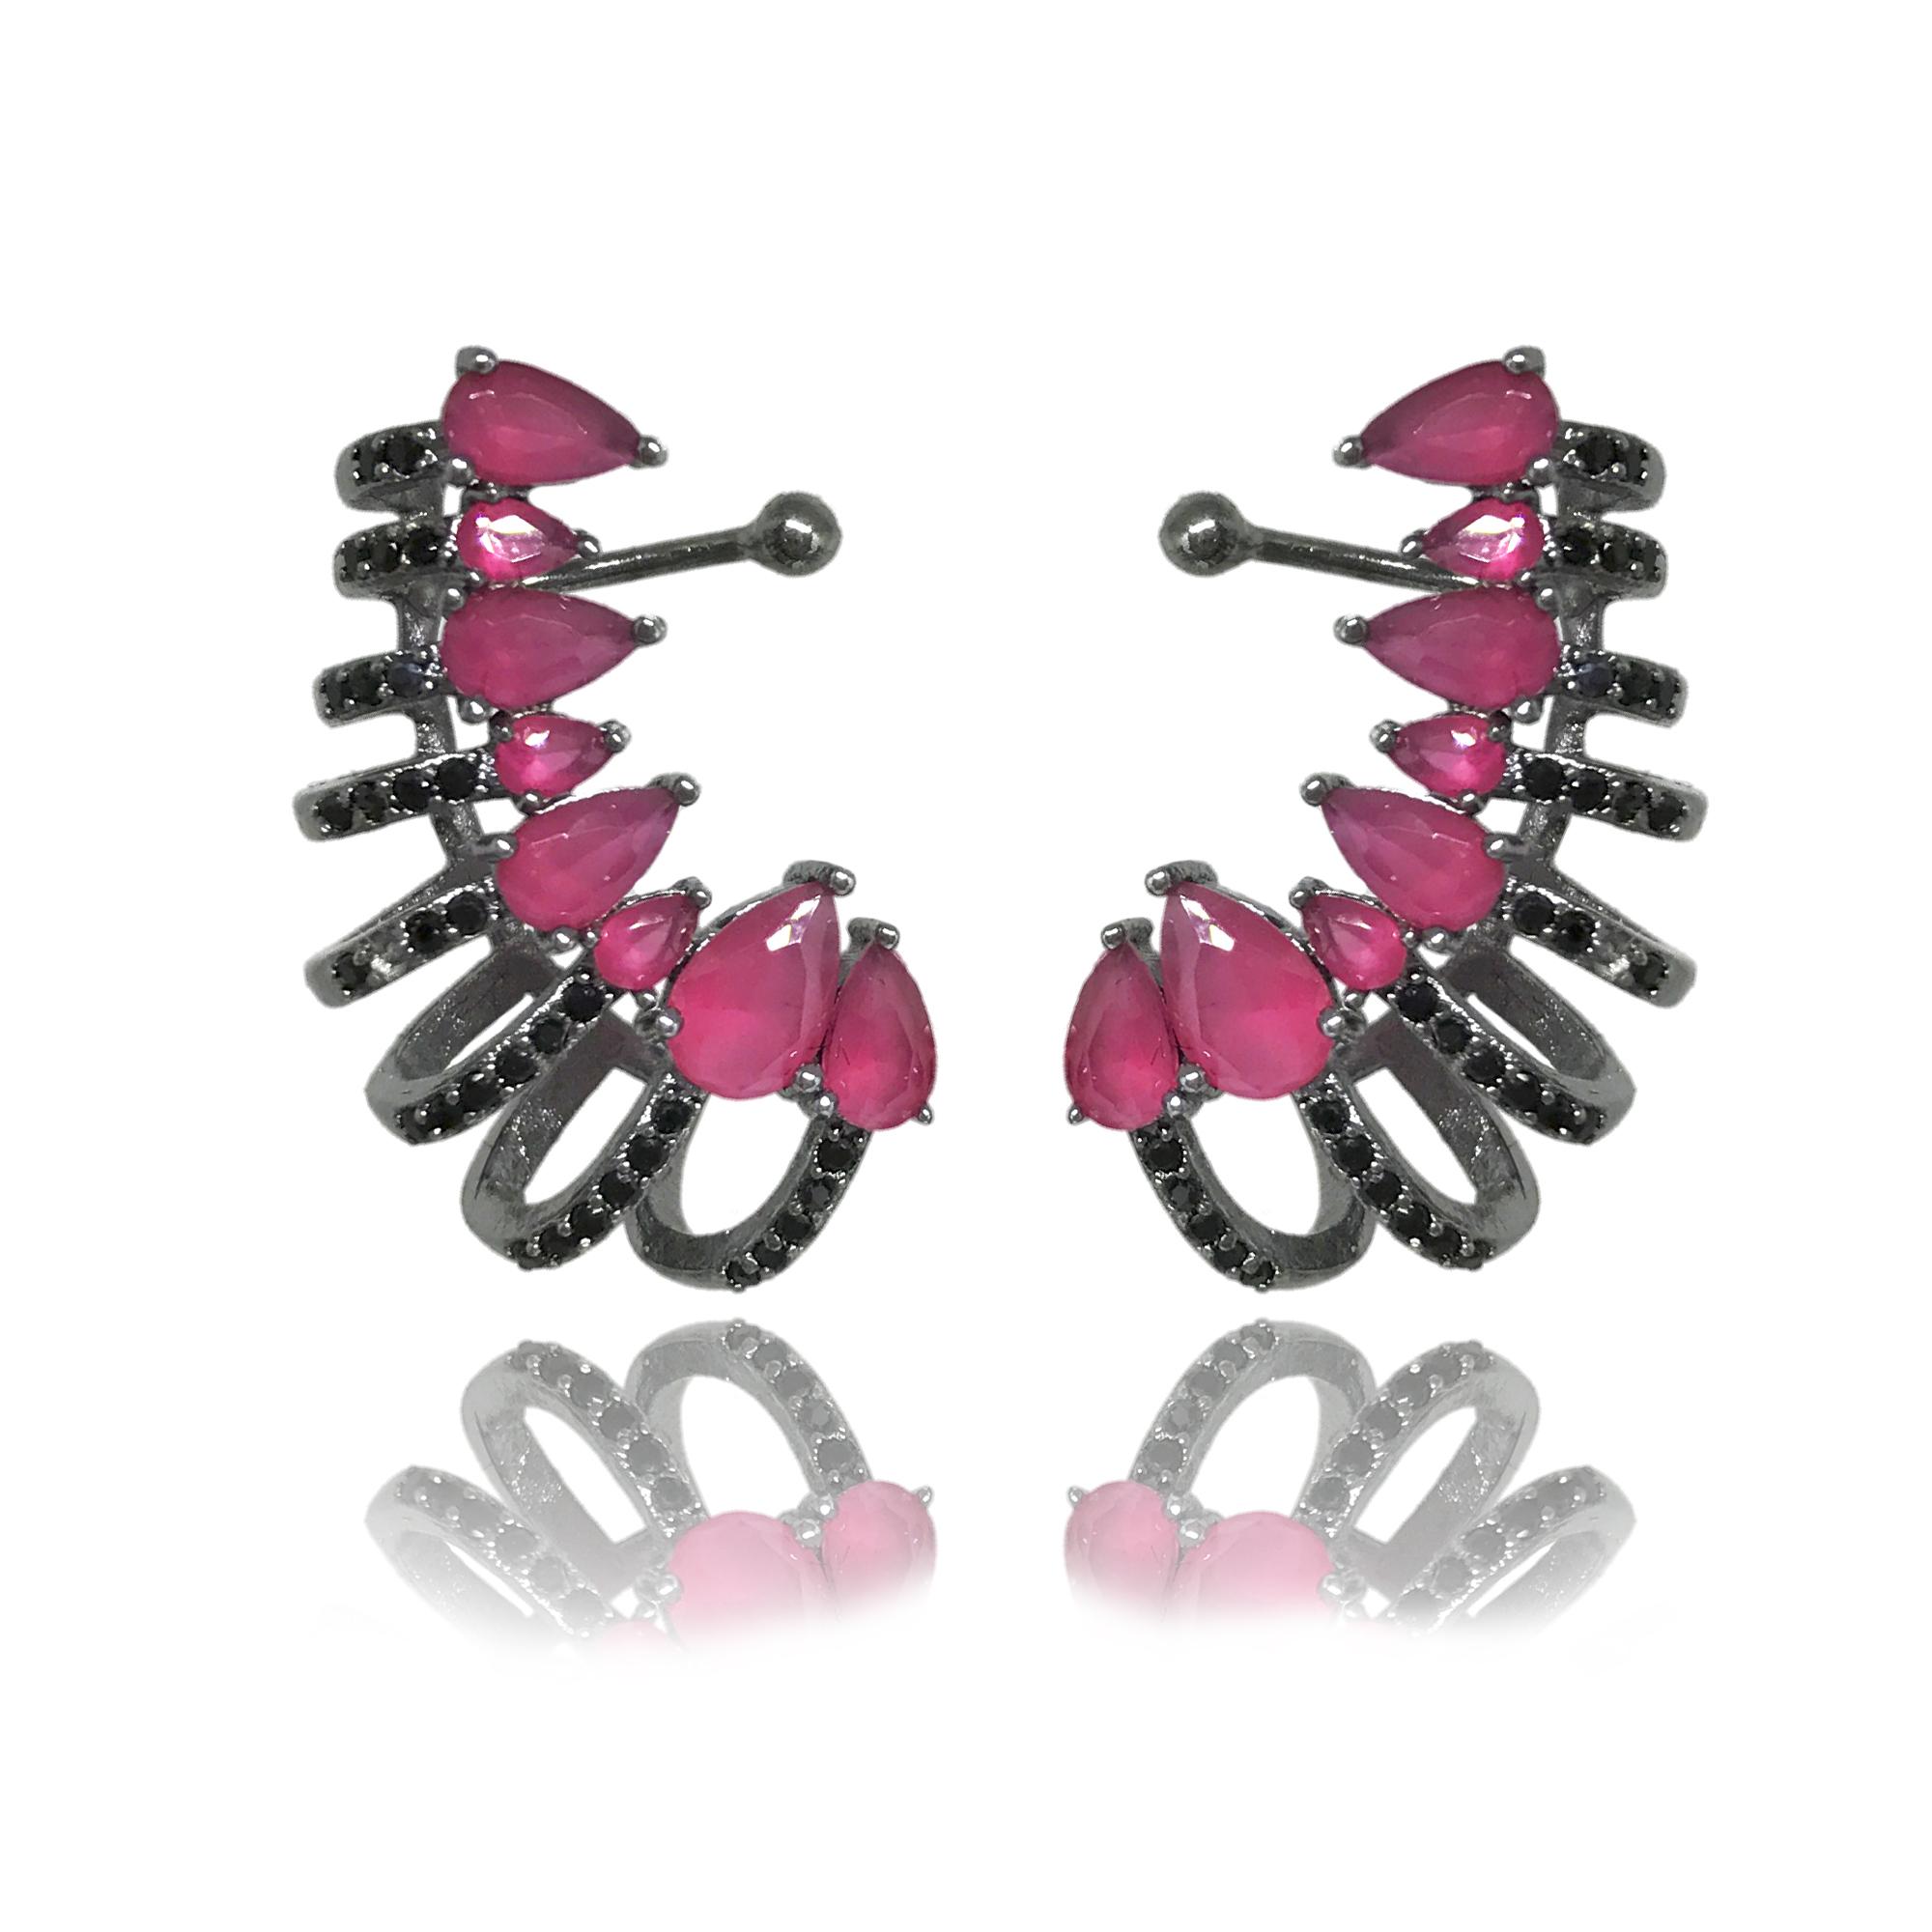 Brinco earcuff com ajuste na orelha cravejado com zircônias pink e mini zircônias negras folheado no ródio negro